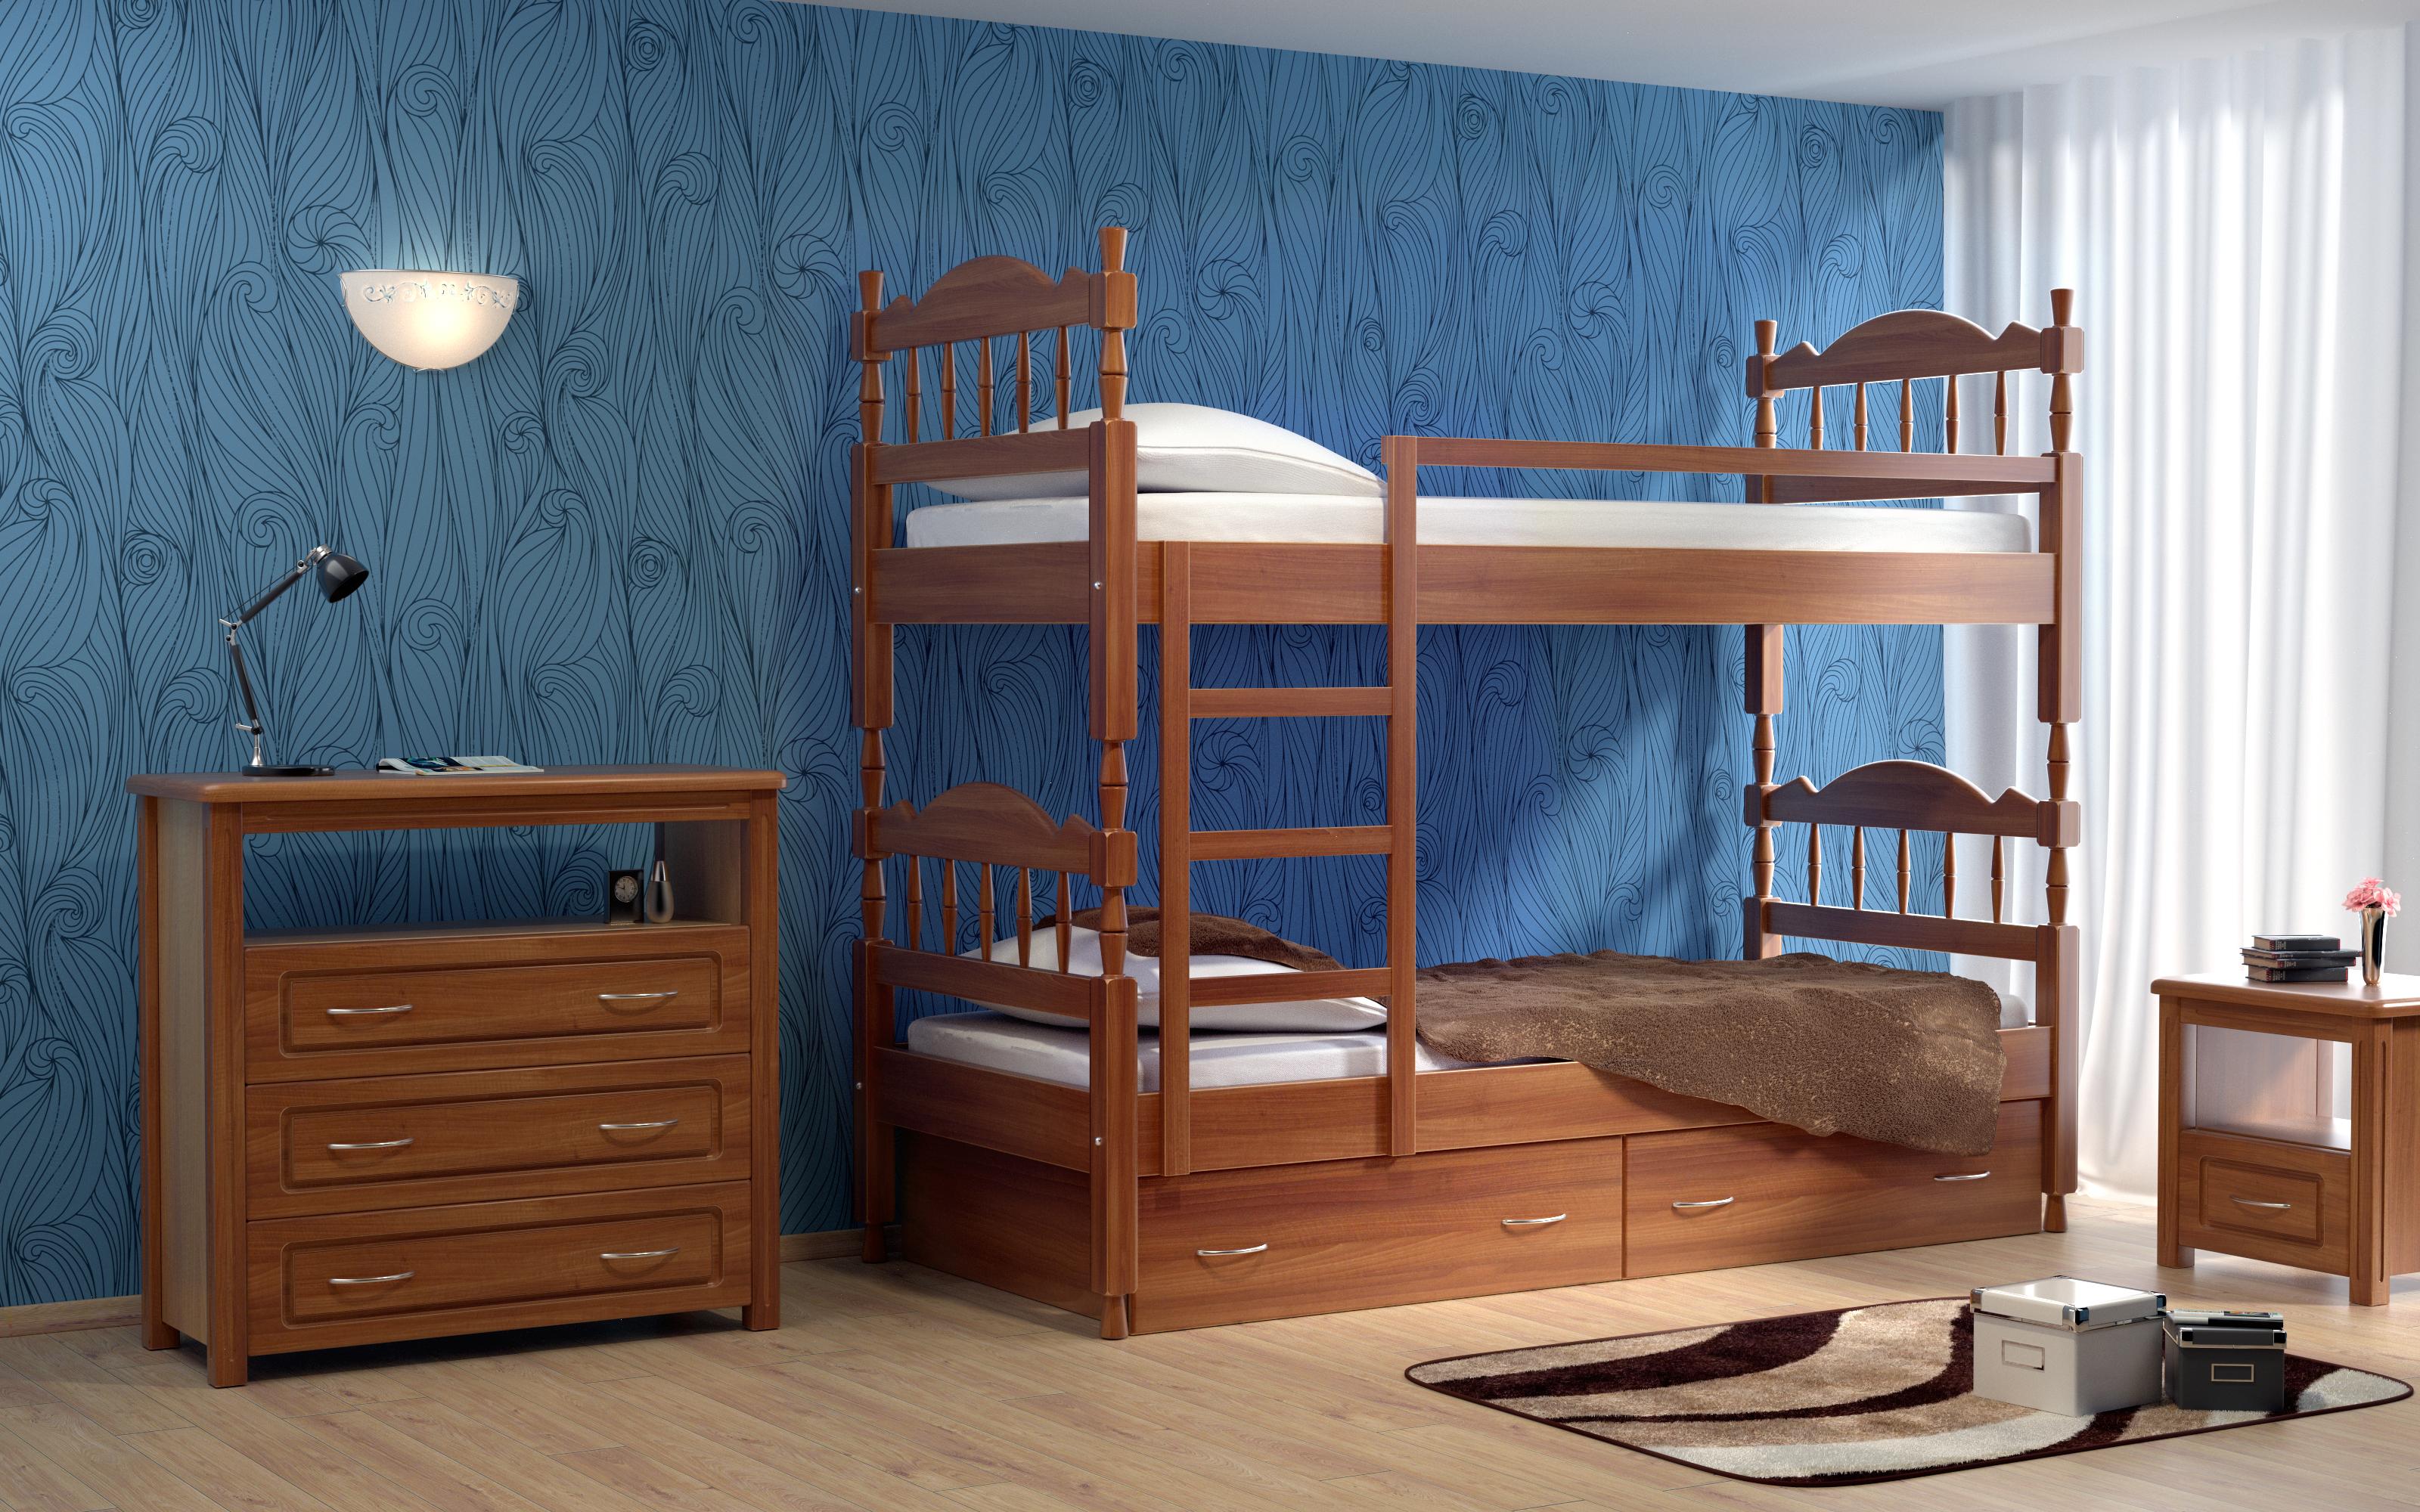 Кровать детская DreamLine Юниор 2-х ярусная (Ясень) Кровать детская Юниор 2-х ярусная (Ясень) фото